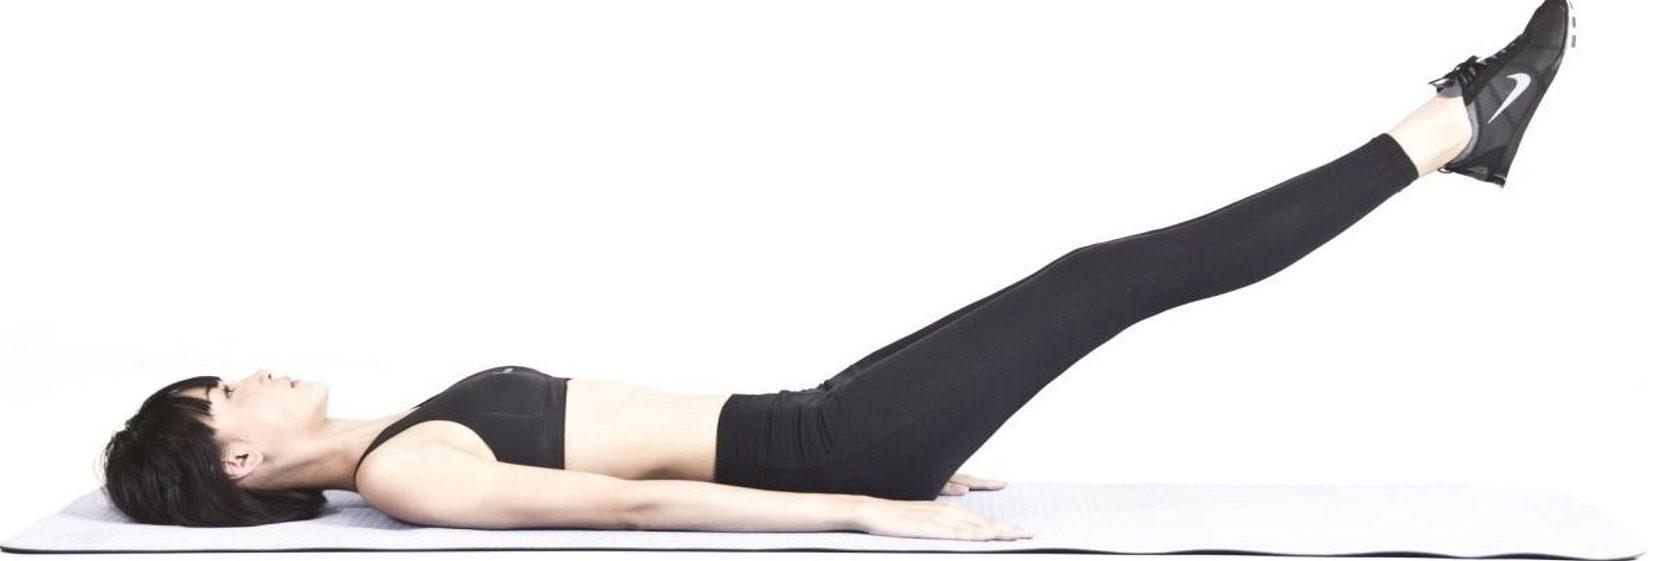 12 bài tập giảm mỡ bụng sau sinh giúp lấy lại dáng nhanh chóng 1